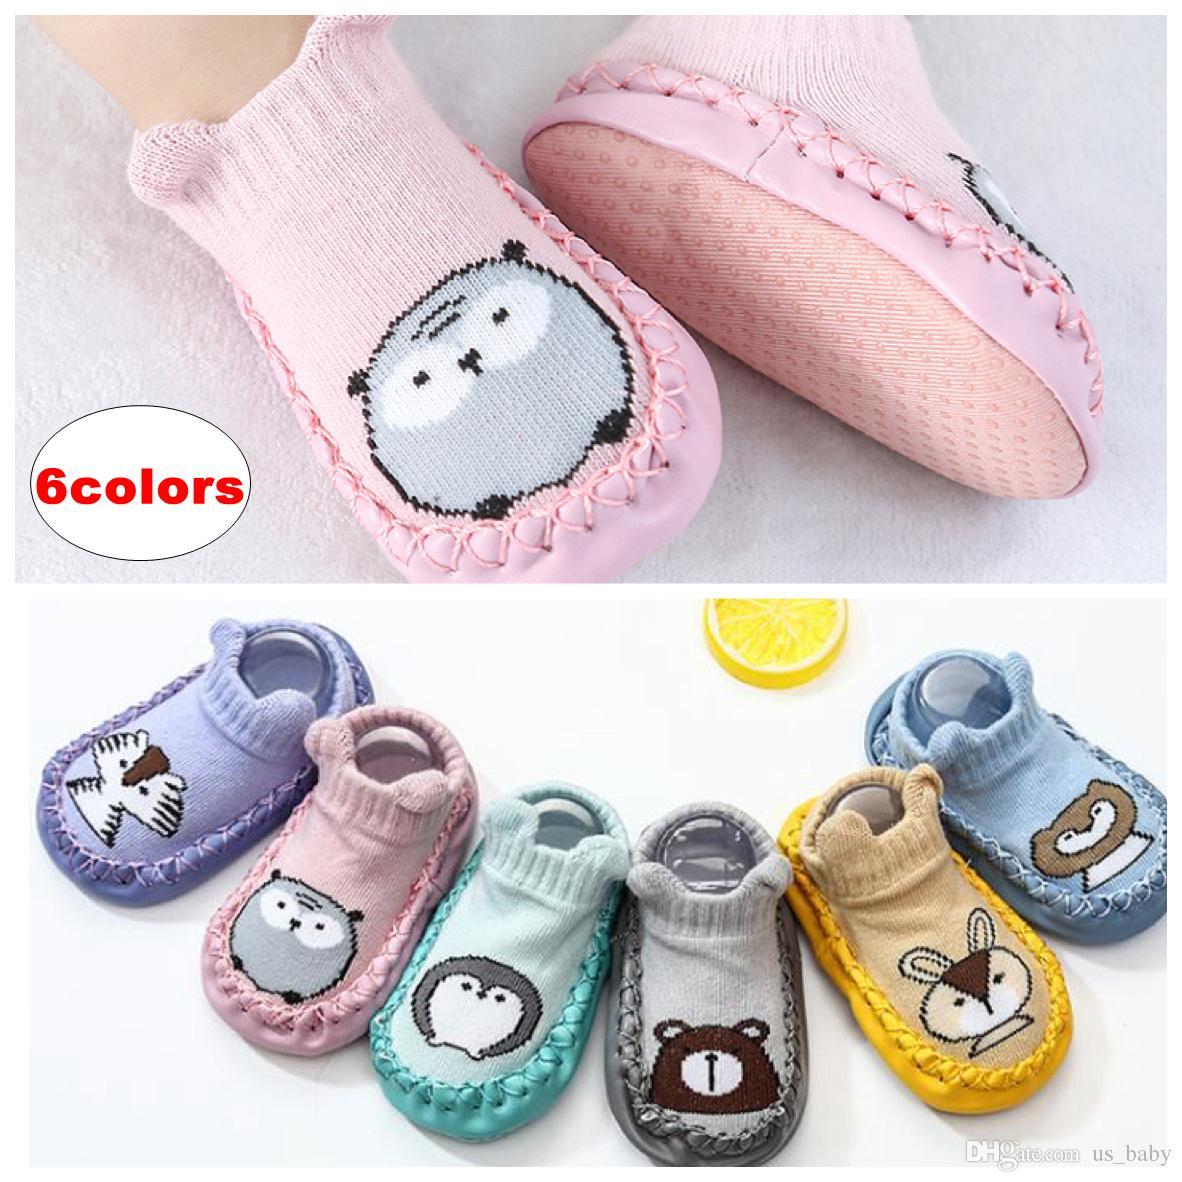 a9b5386fc Compre Bebé De Dibujos Animados Zapatos Calcetines Recién Nacido Unisex  Animal Design Boatsocks Toddler Antideslizante Calcetines Inferiores es 4  Tamaño ...